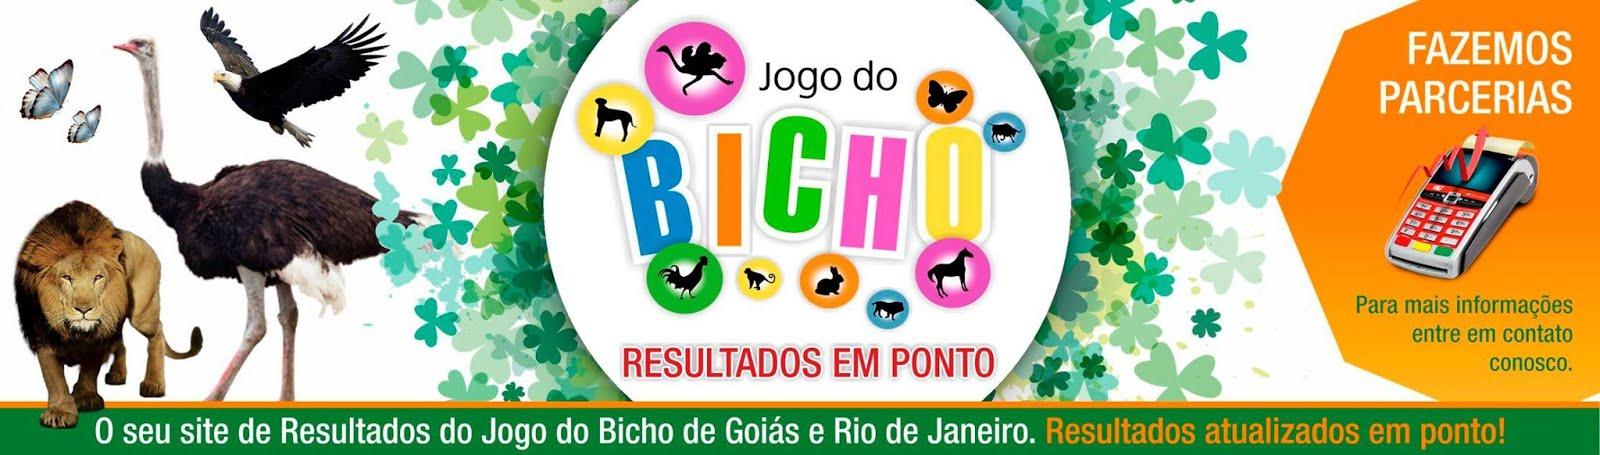 JOGO DO BICHO-RESULTADOS EM PONTO